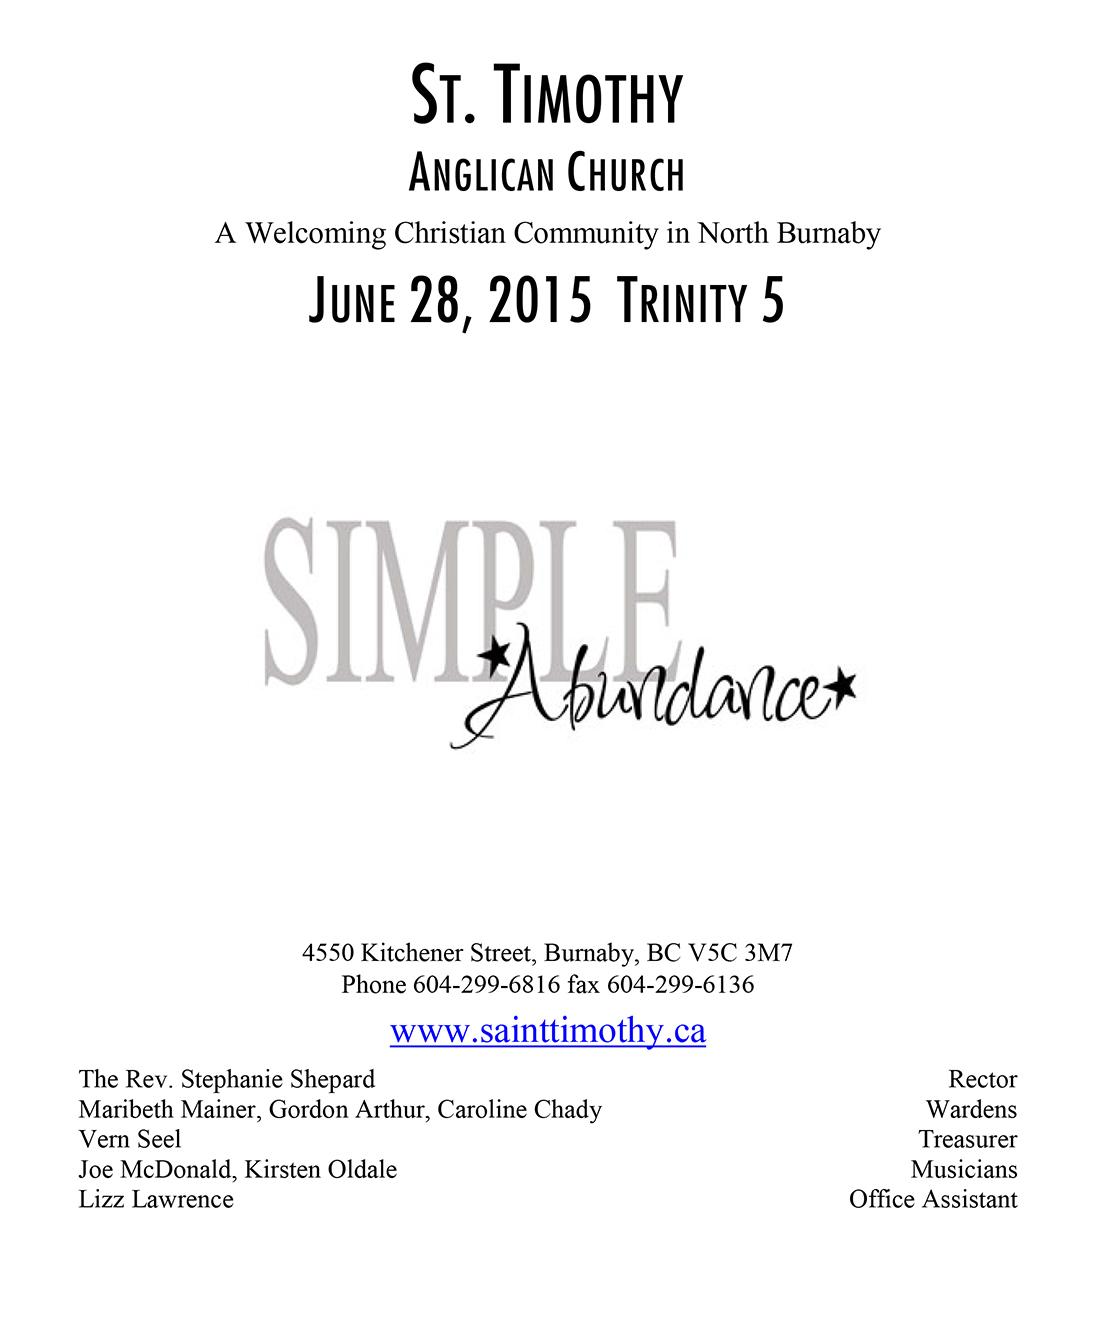 Bulletin: June 28, 2015